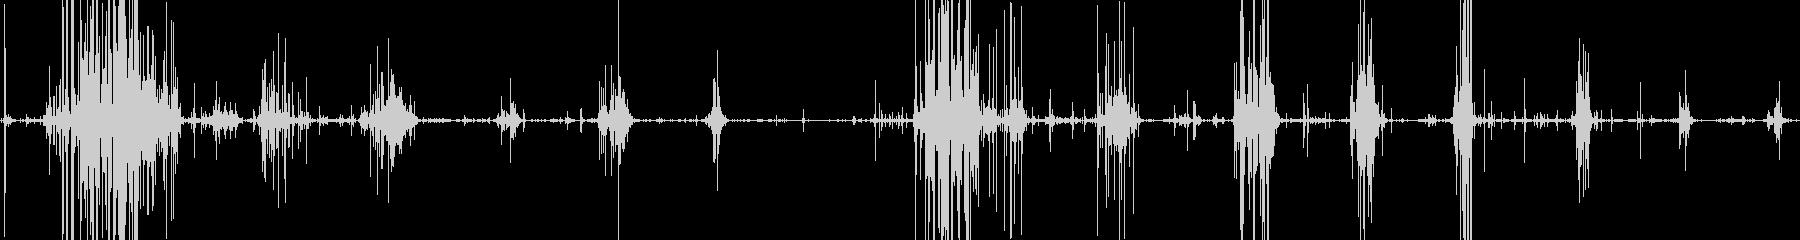 揚げ物を食べるカリカリサクサクとした音の未再生の波形